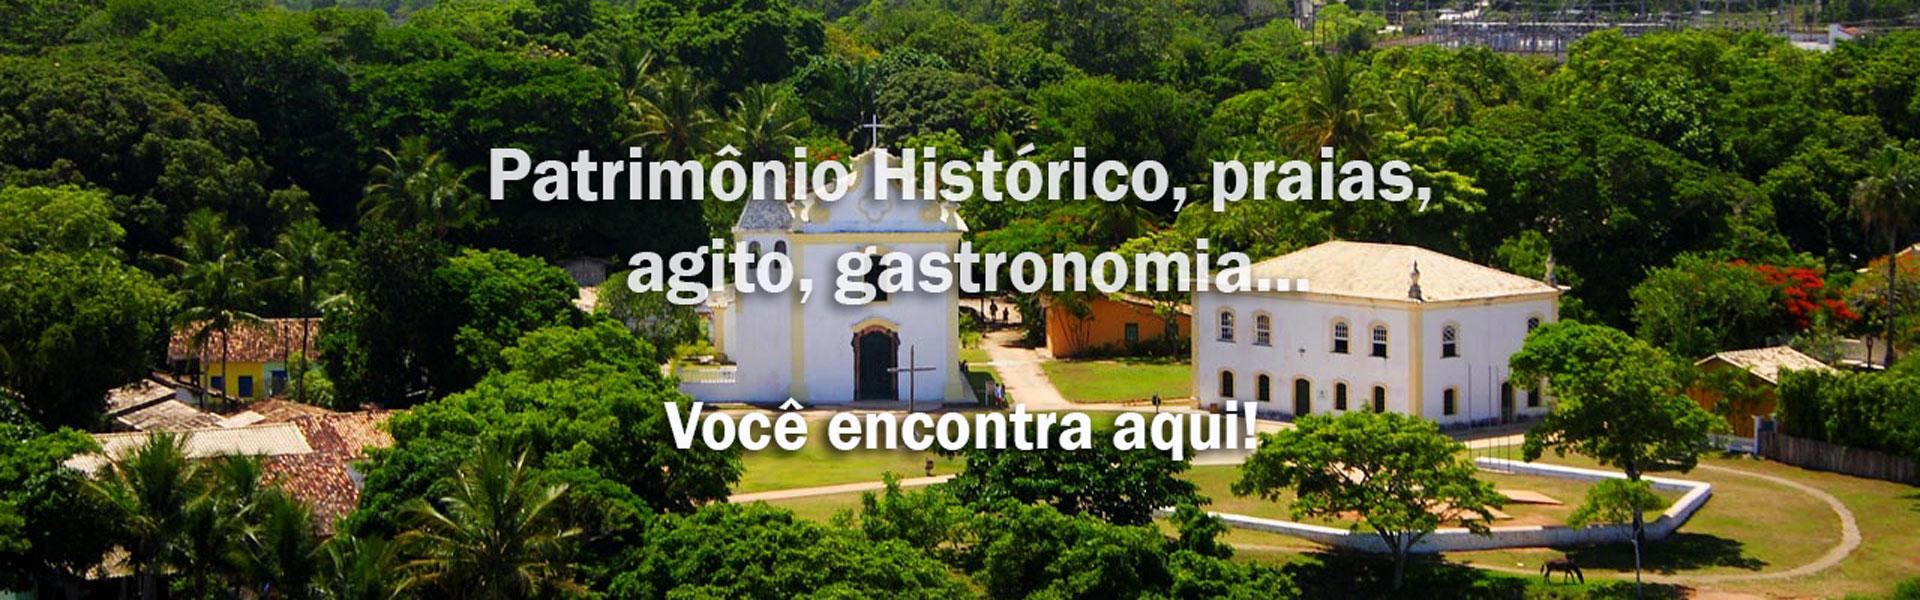 cidade-historica